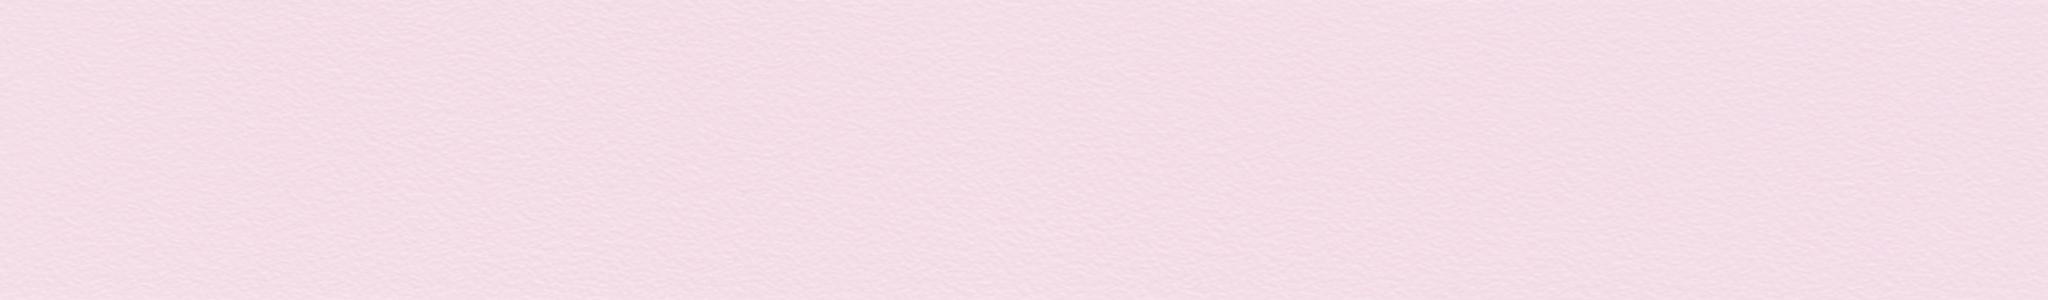 HU 13336 Bordo ABS Rosa Cera XG